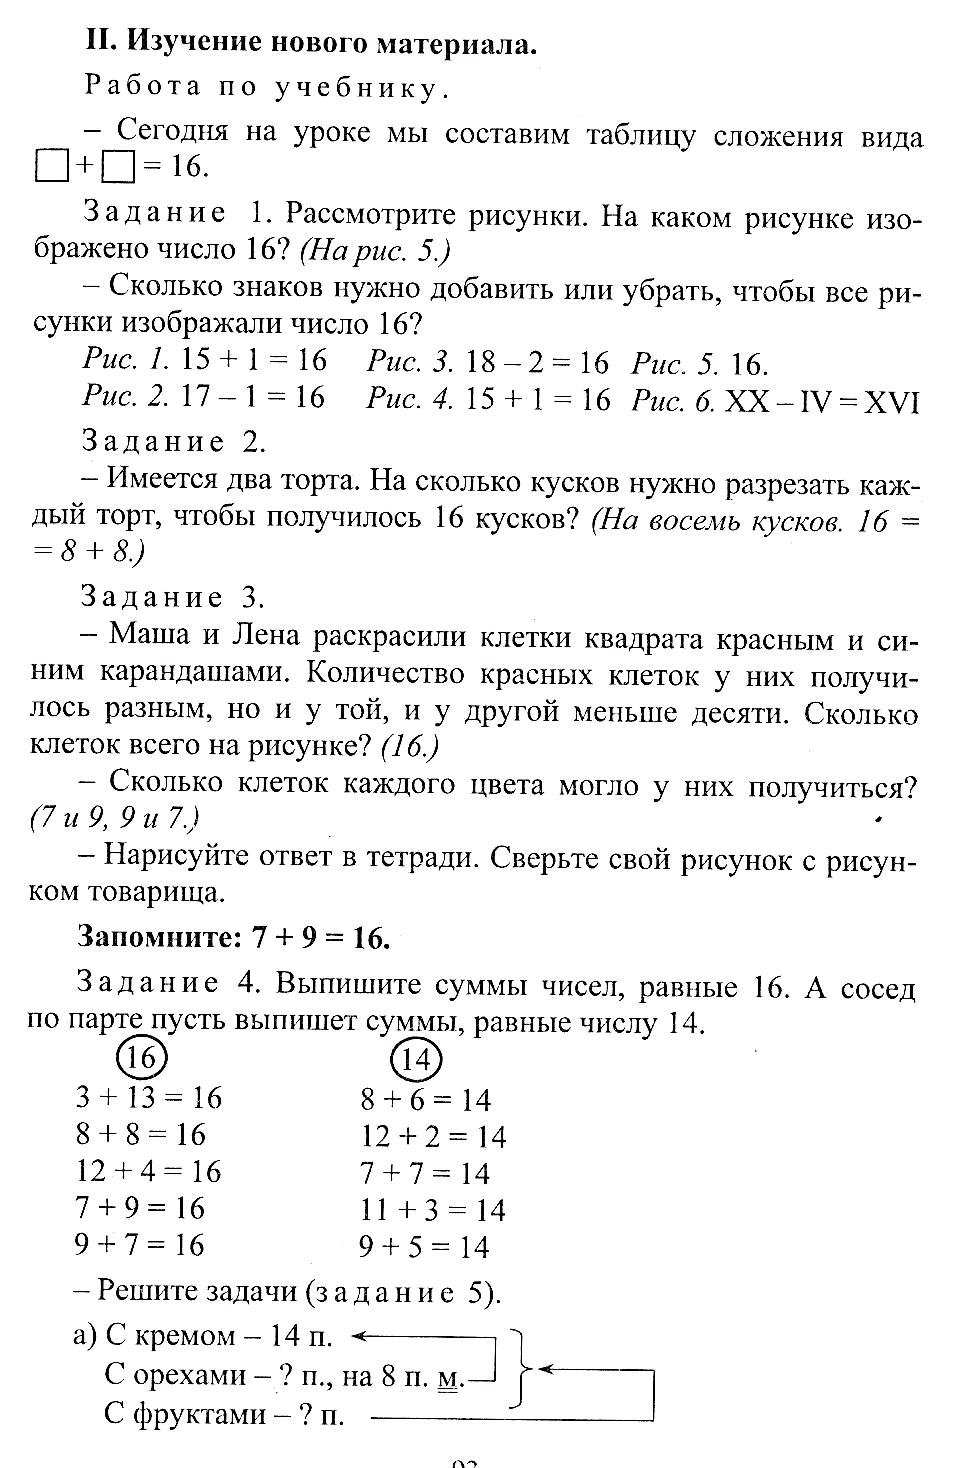 E:\математика сканирована на уроки\сканирование0012.jpg